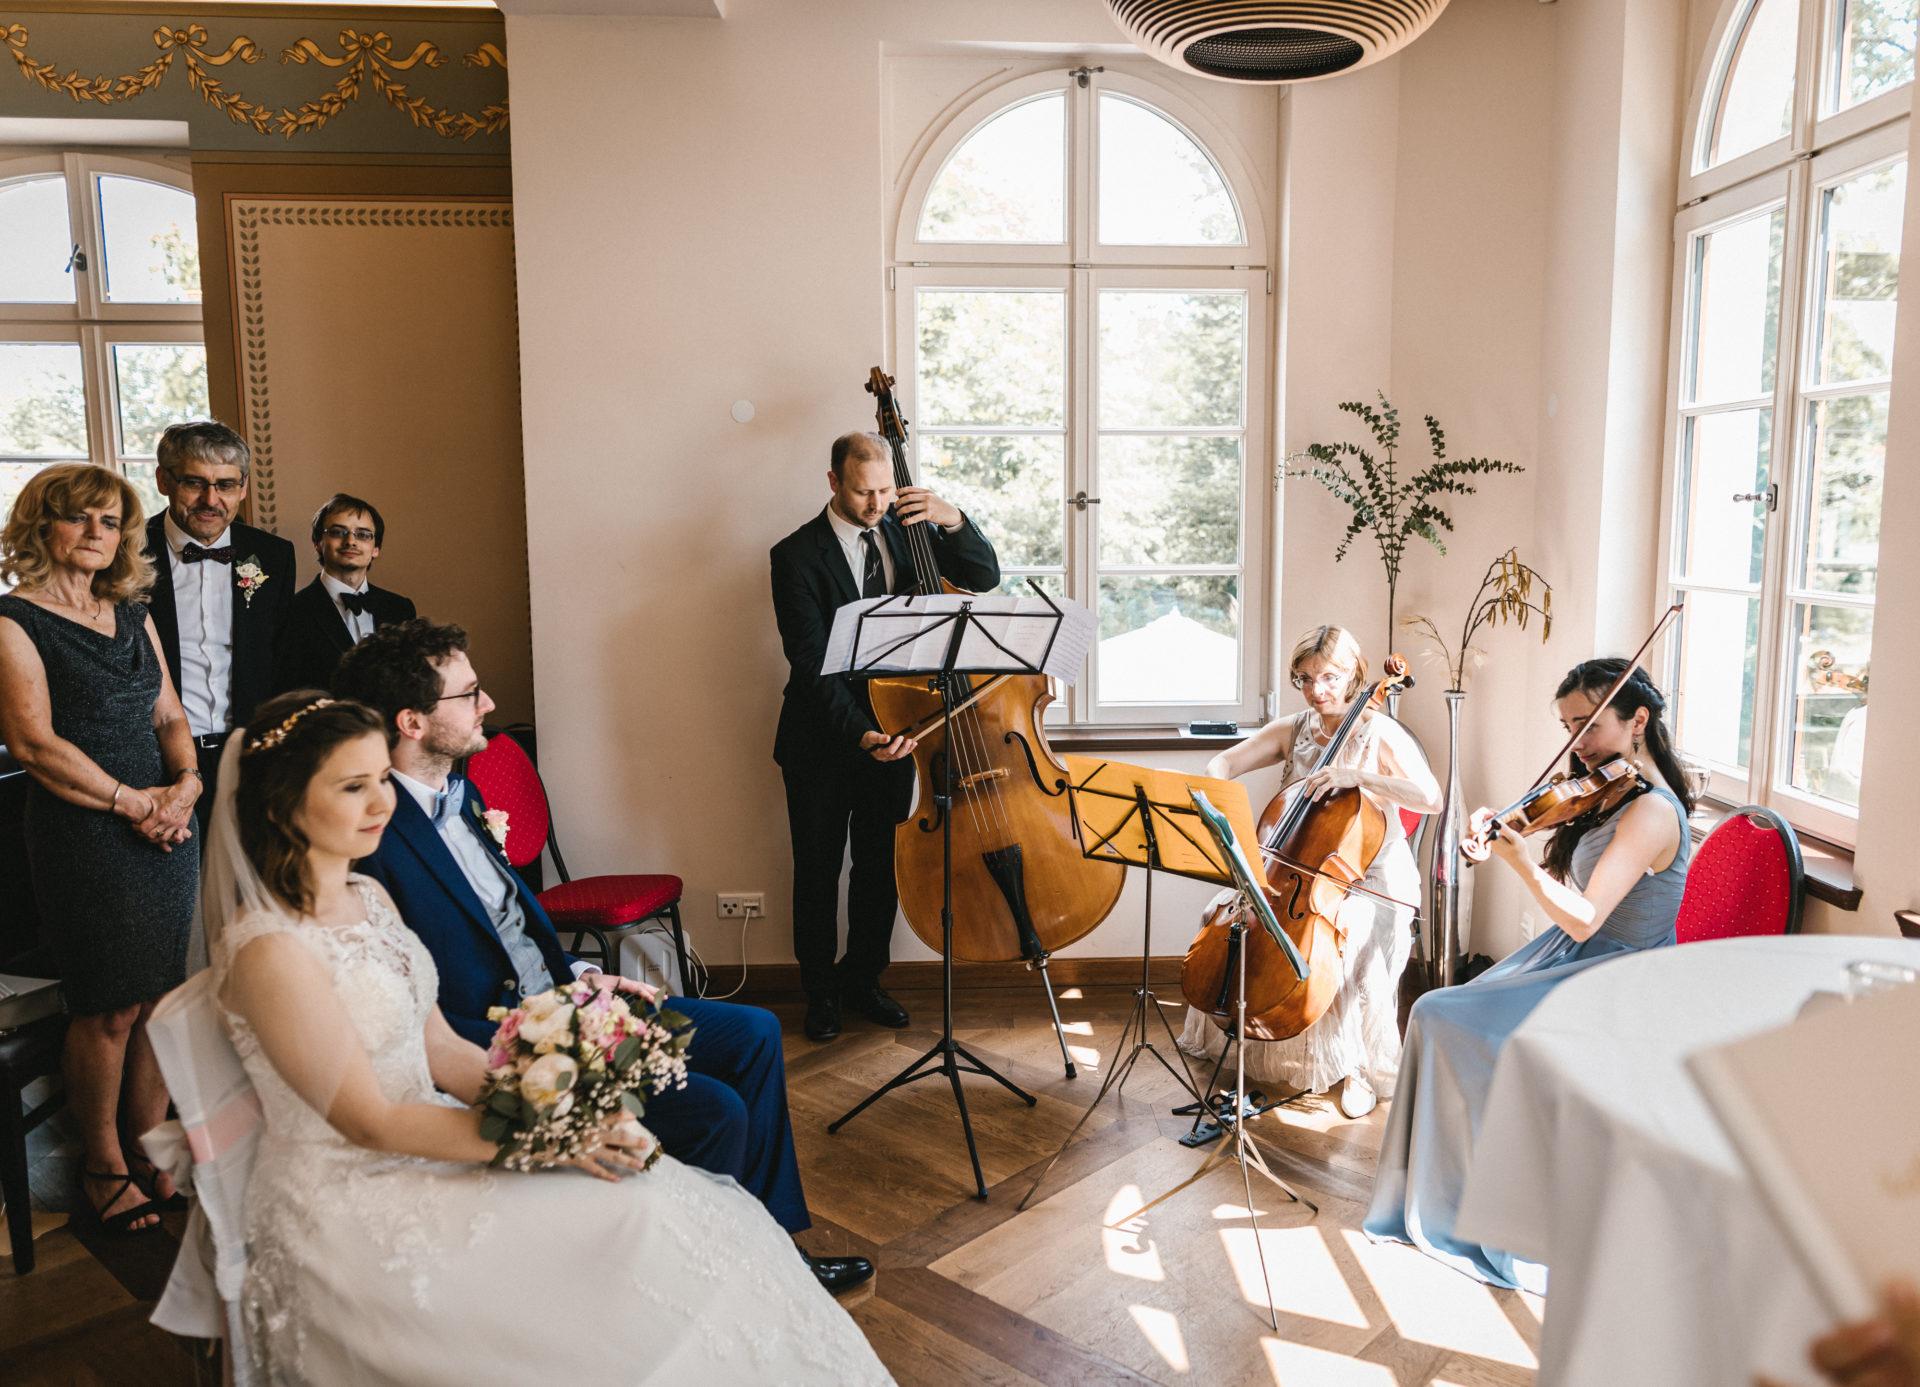 Hochzeitsreportage | Freie Trauung im Herrenhaus Möckern in Leipzig | 12